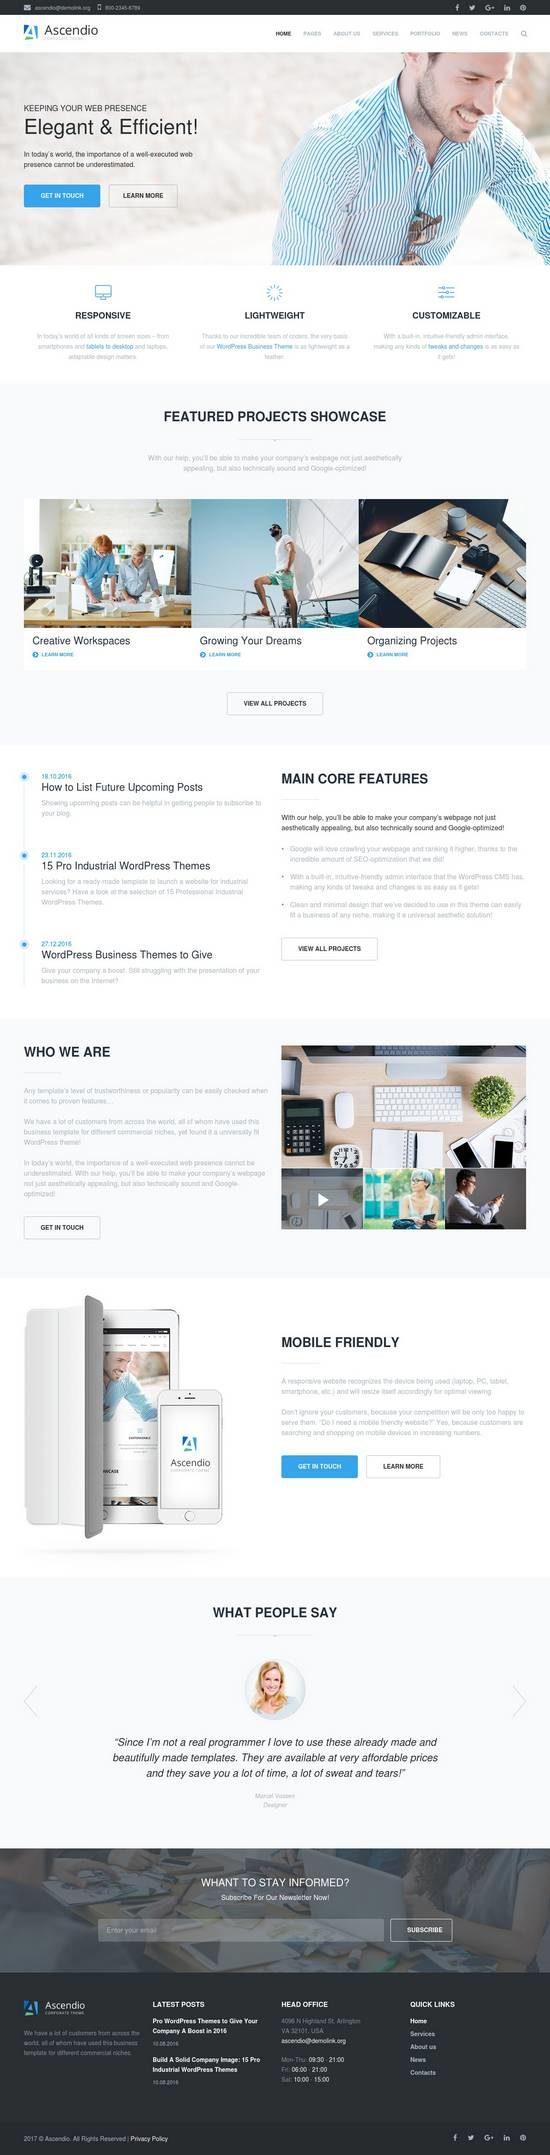 ascendio business wordpress theme 01 550x2155 - Ascendio WordPress Theme